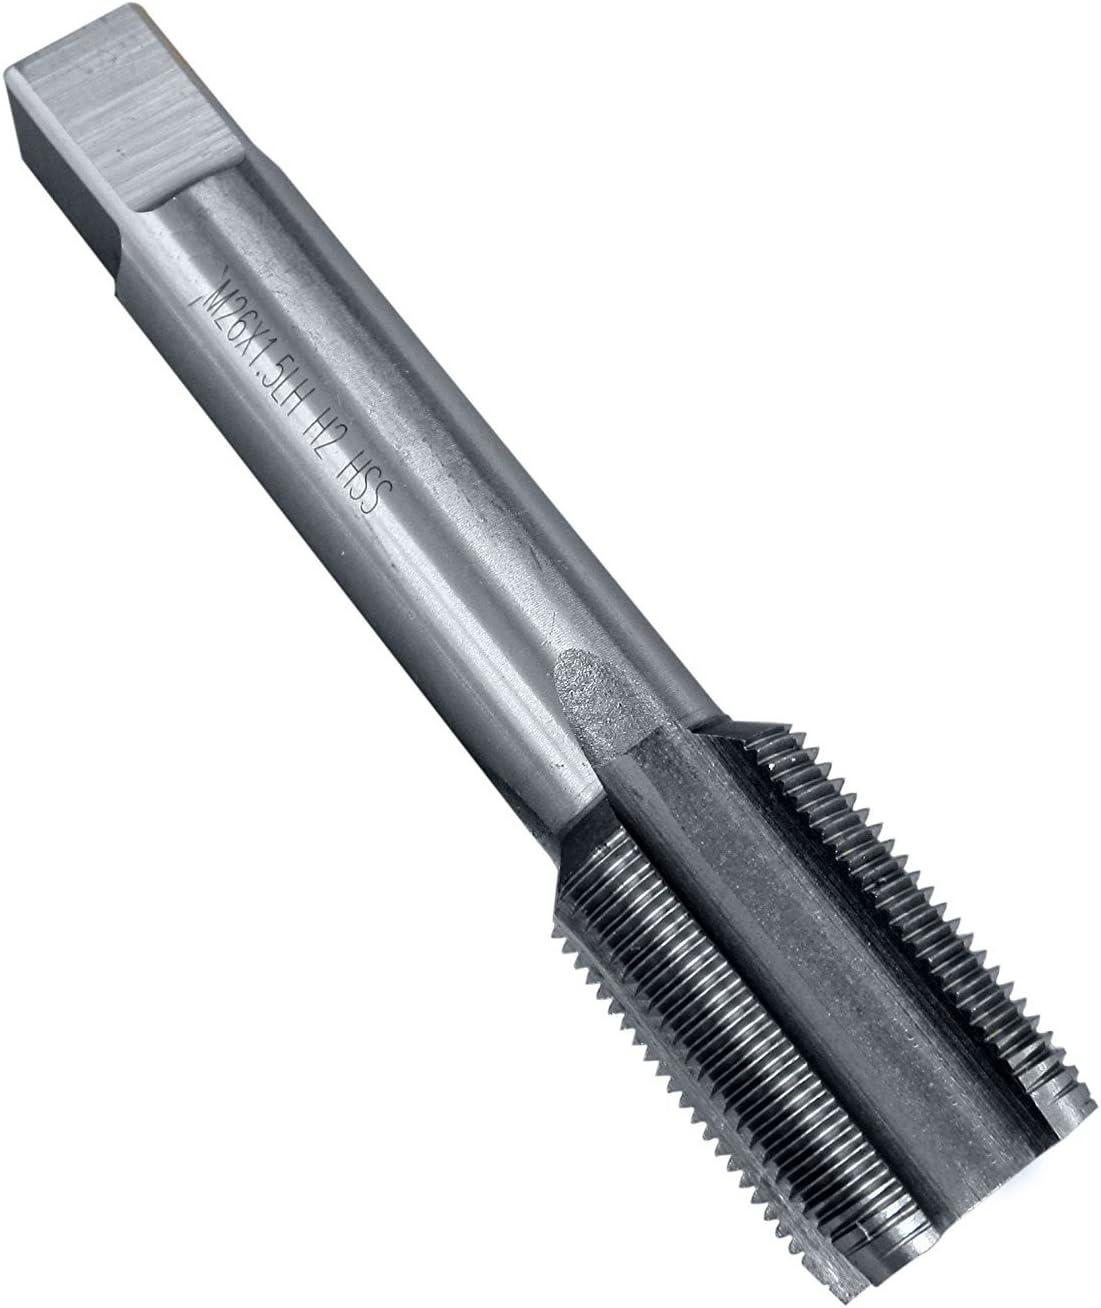 M25 x 0.75 mm Pitch Right Hand Thread Die